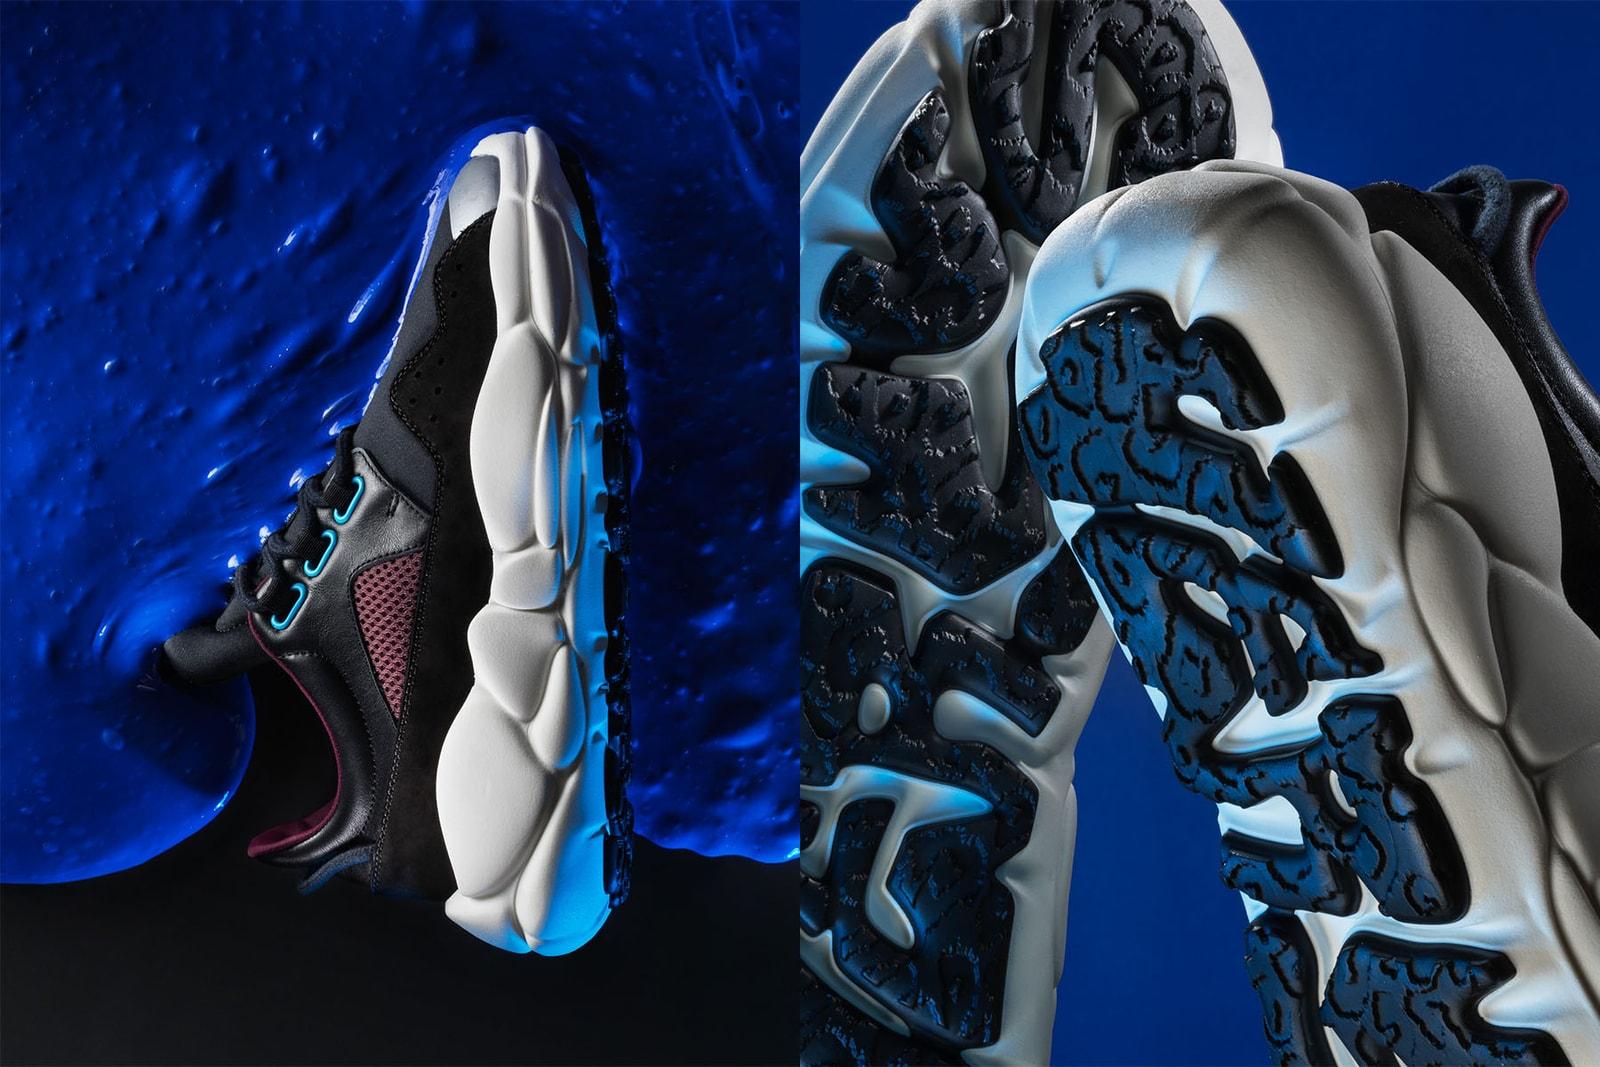 Versus Versace 2018 秋冬帶來全新注目鞋款 Versus Anatomia